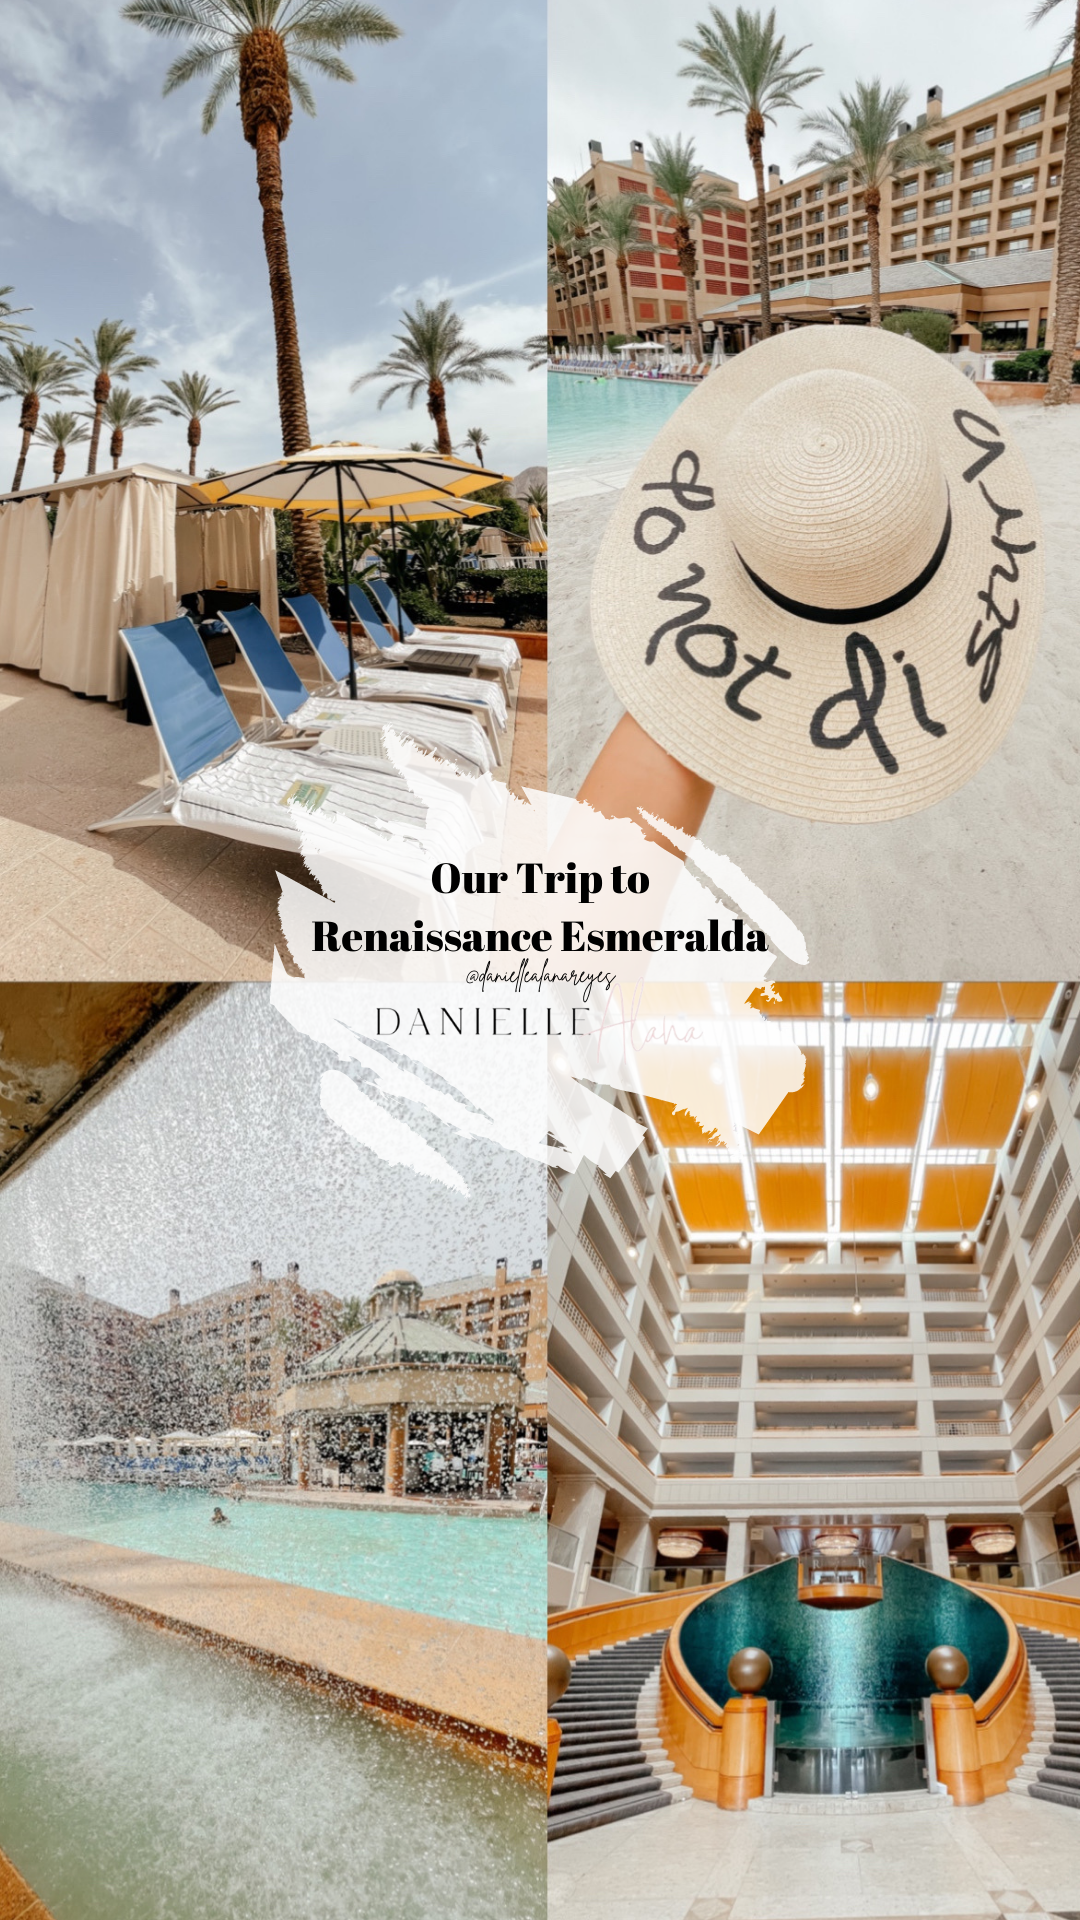 Our Trip to Renaissance Esmeralda